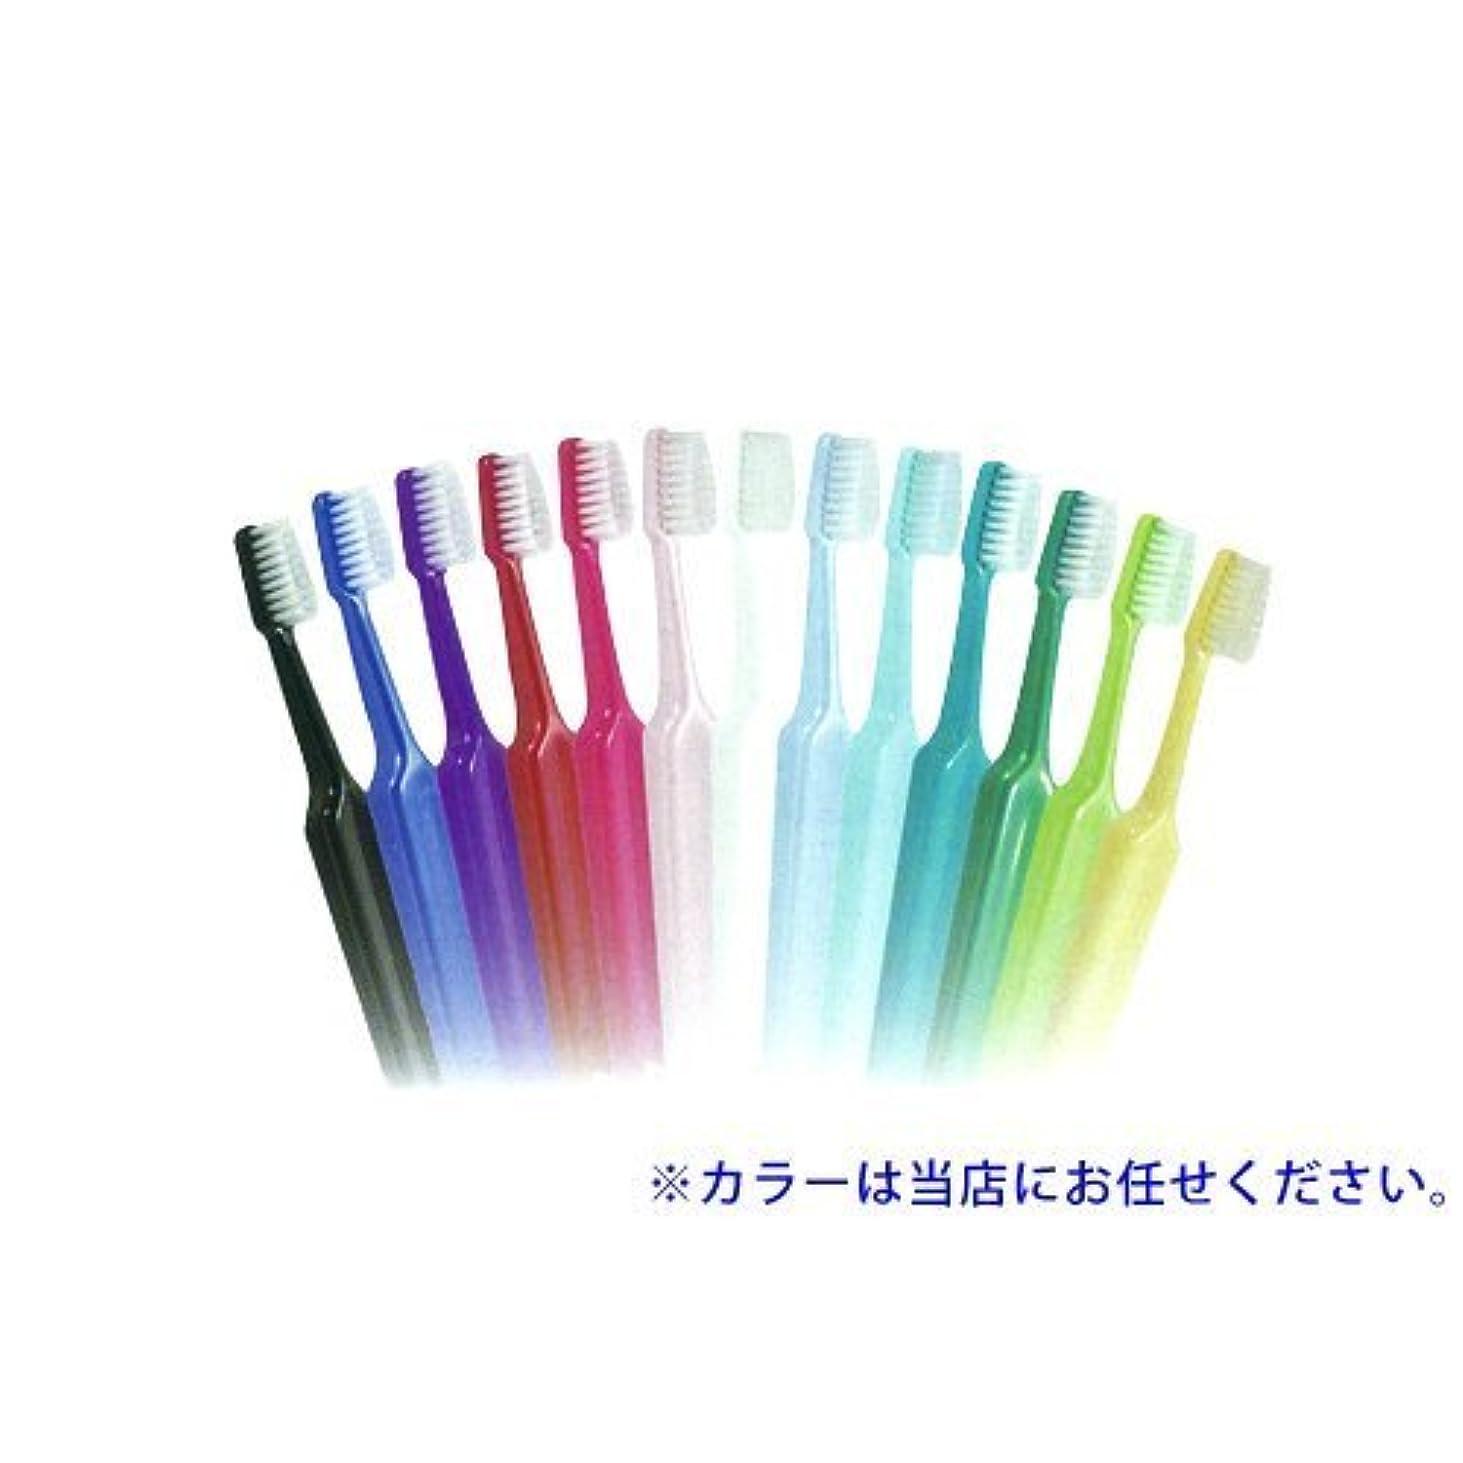 株式会社申請中震えTepe歯ブラシ セレクトミニ/エクストラソフト 25本/箱